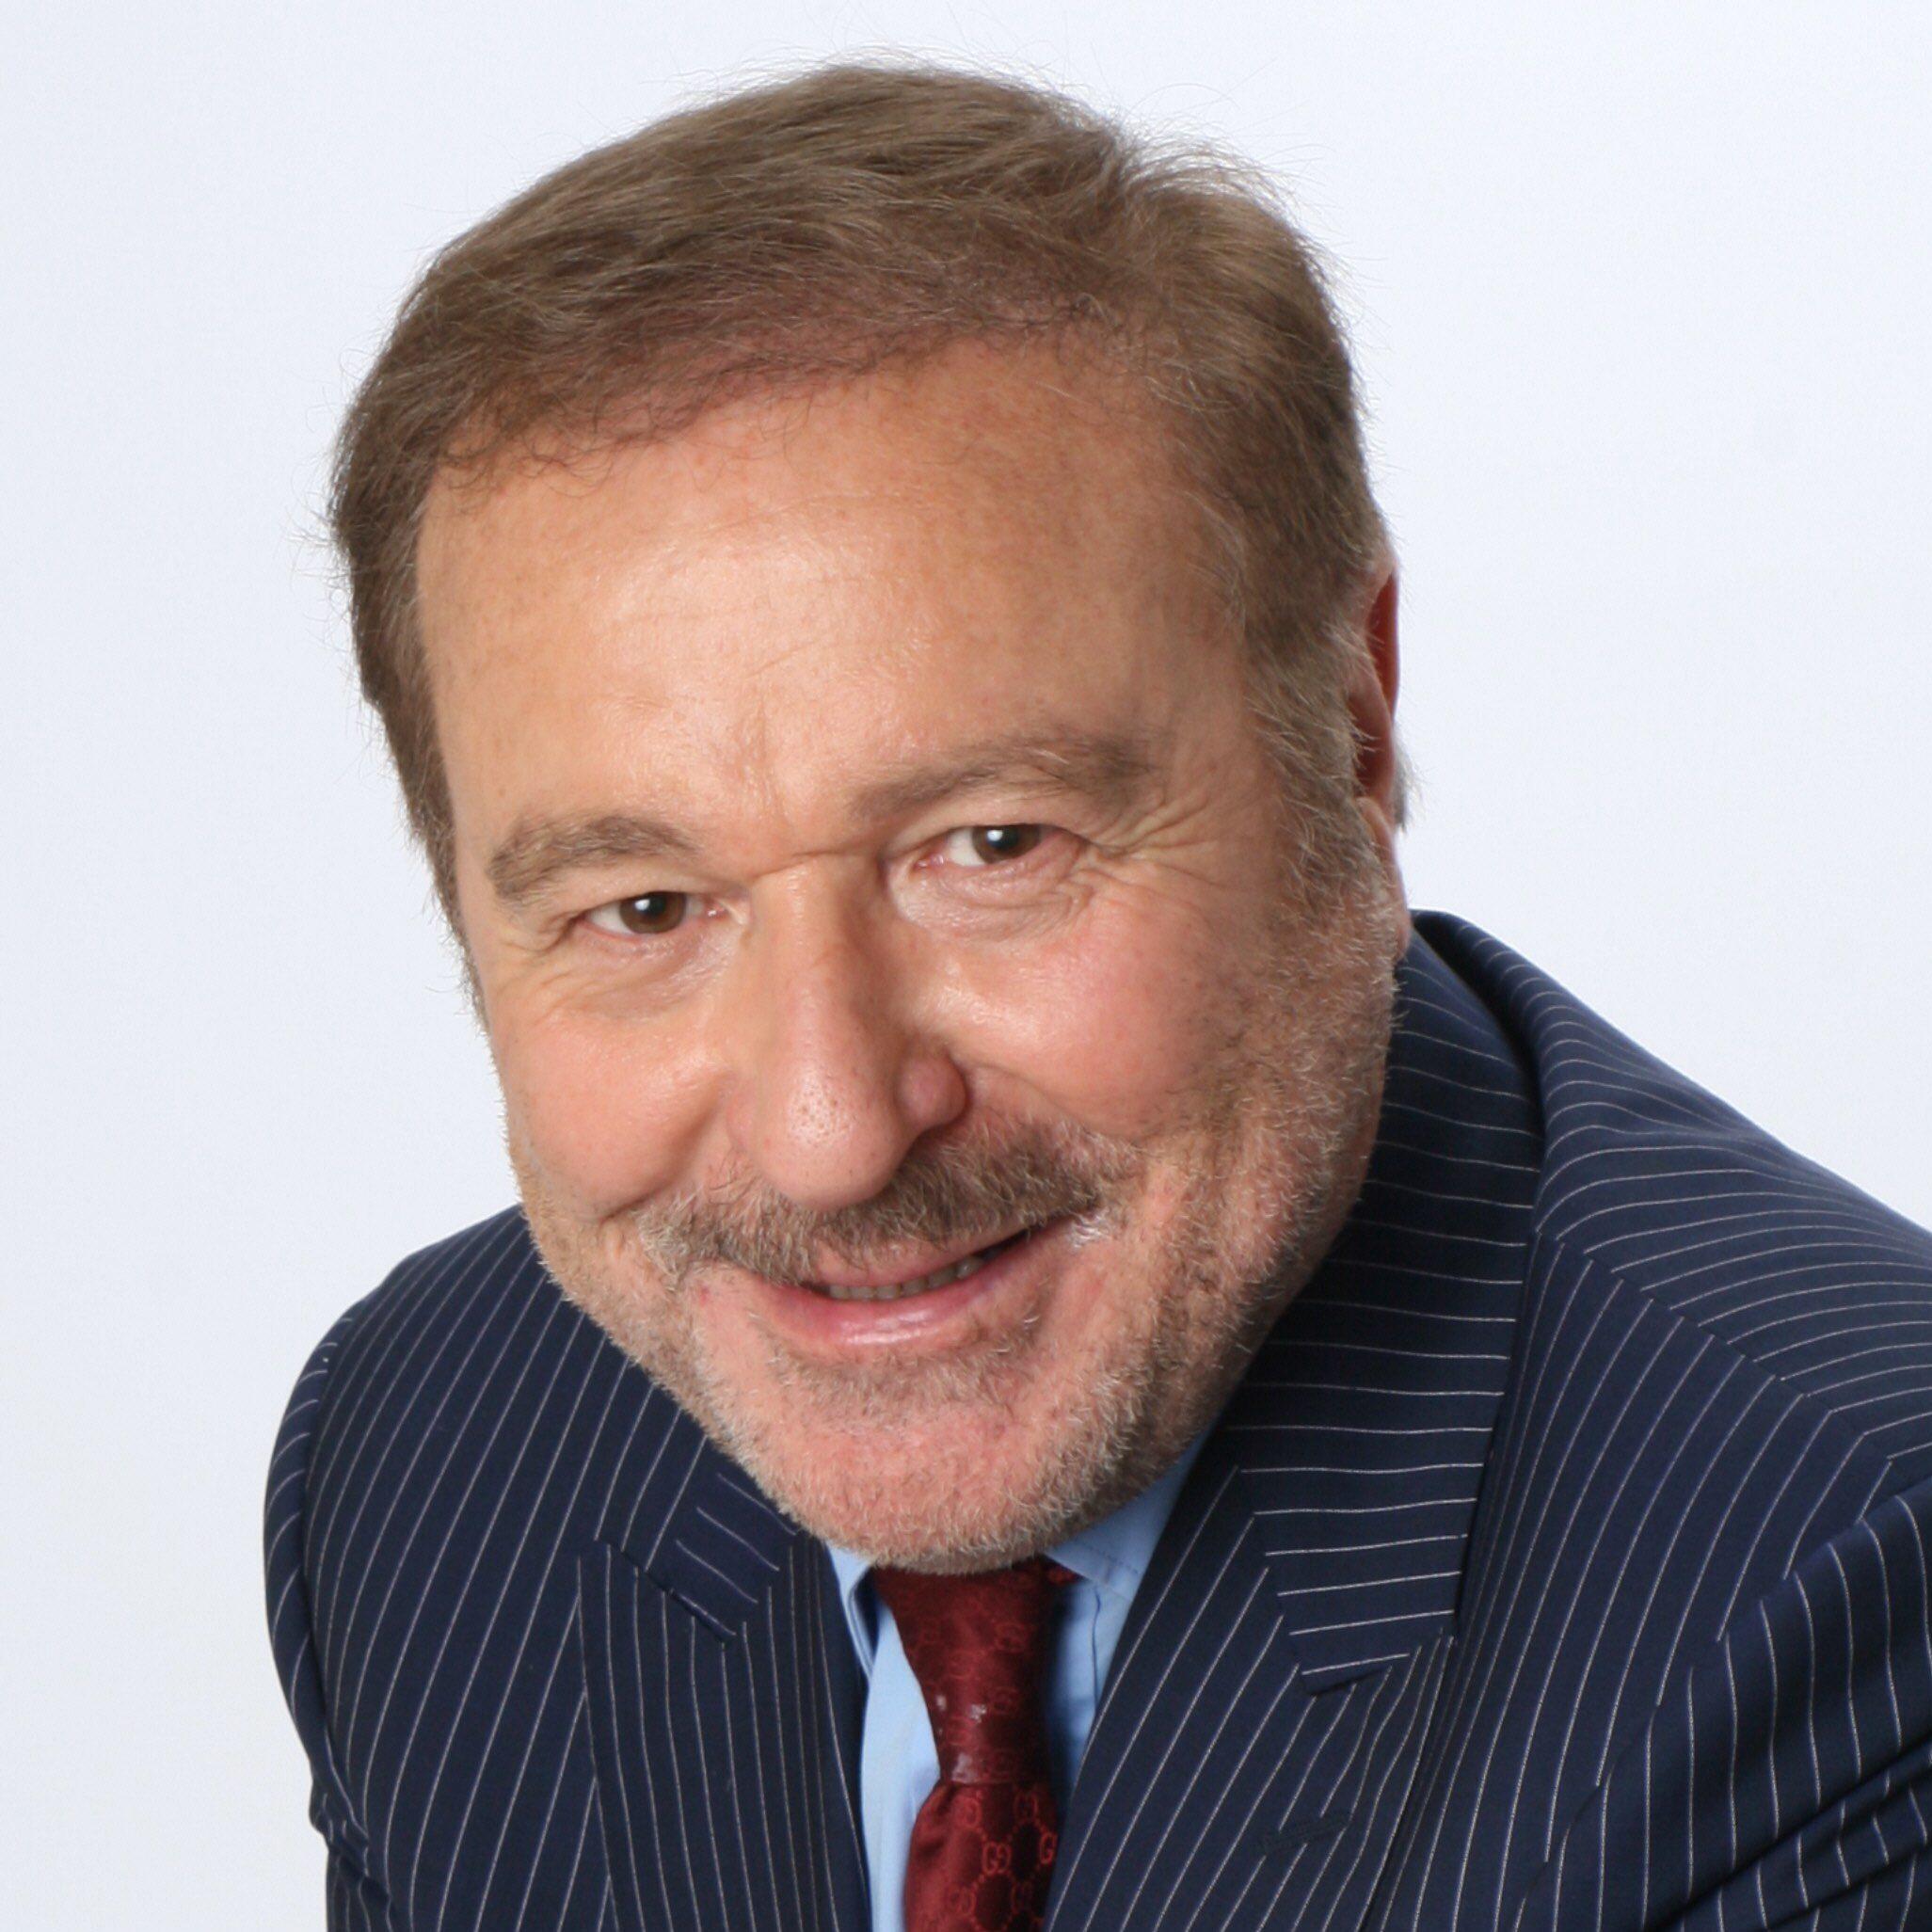 Dr. Ian F. Akyildiz